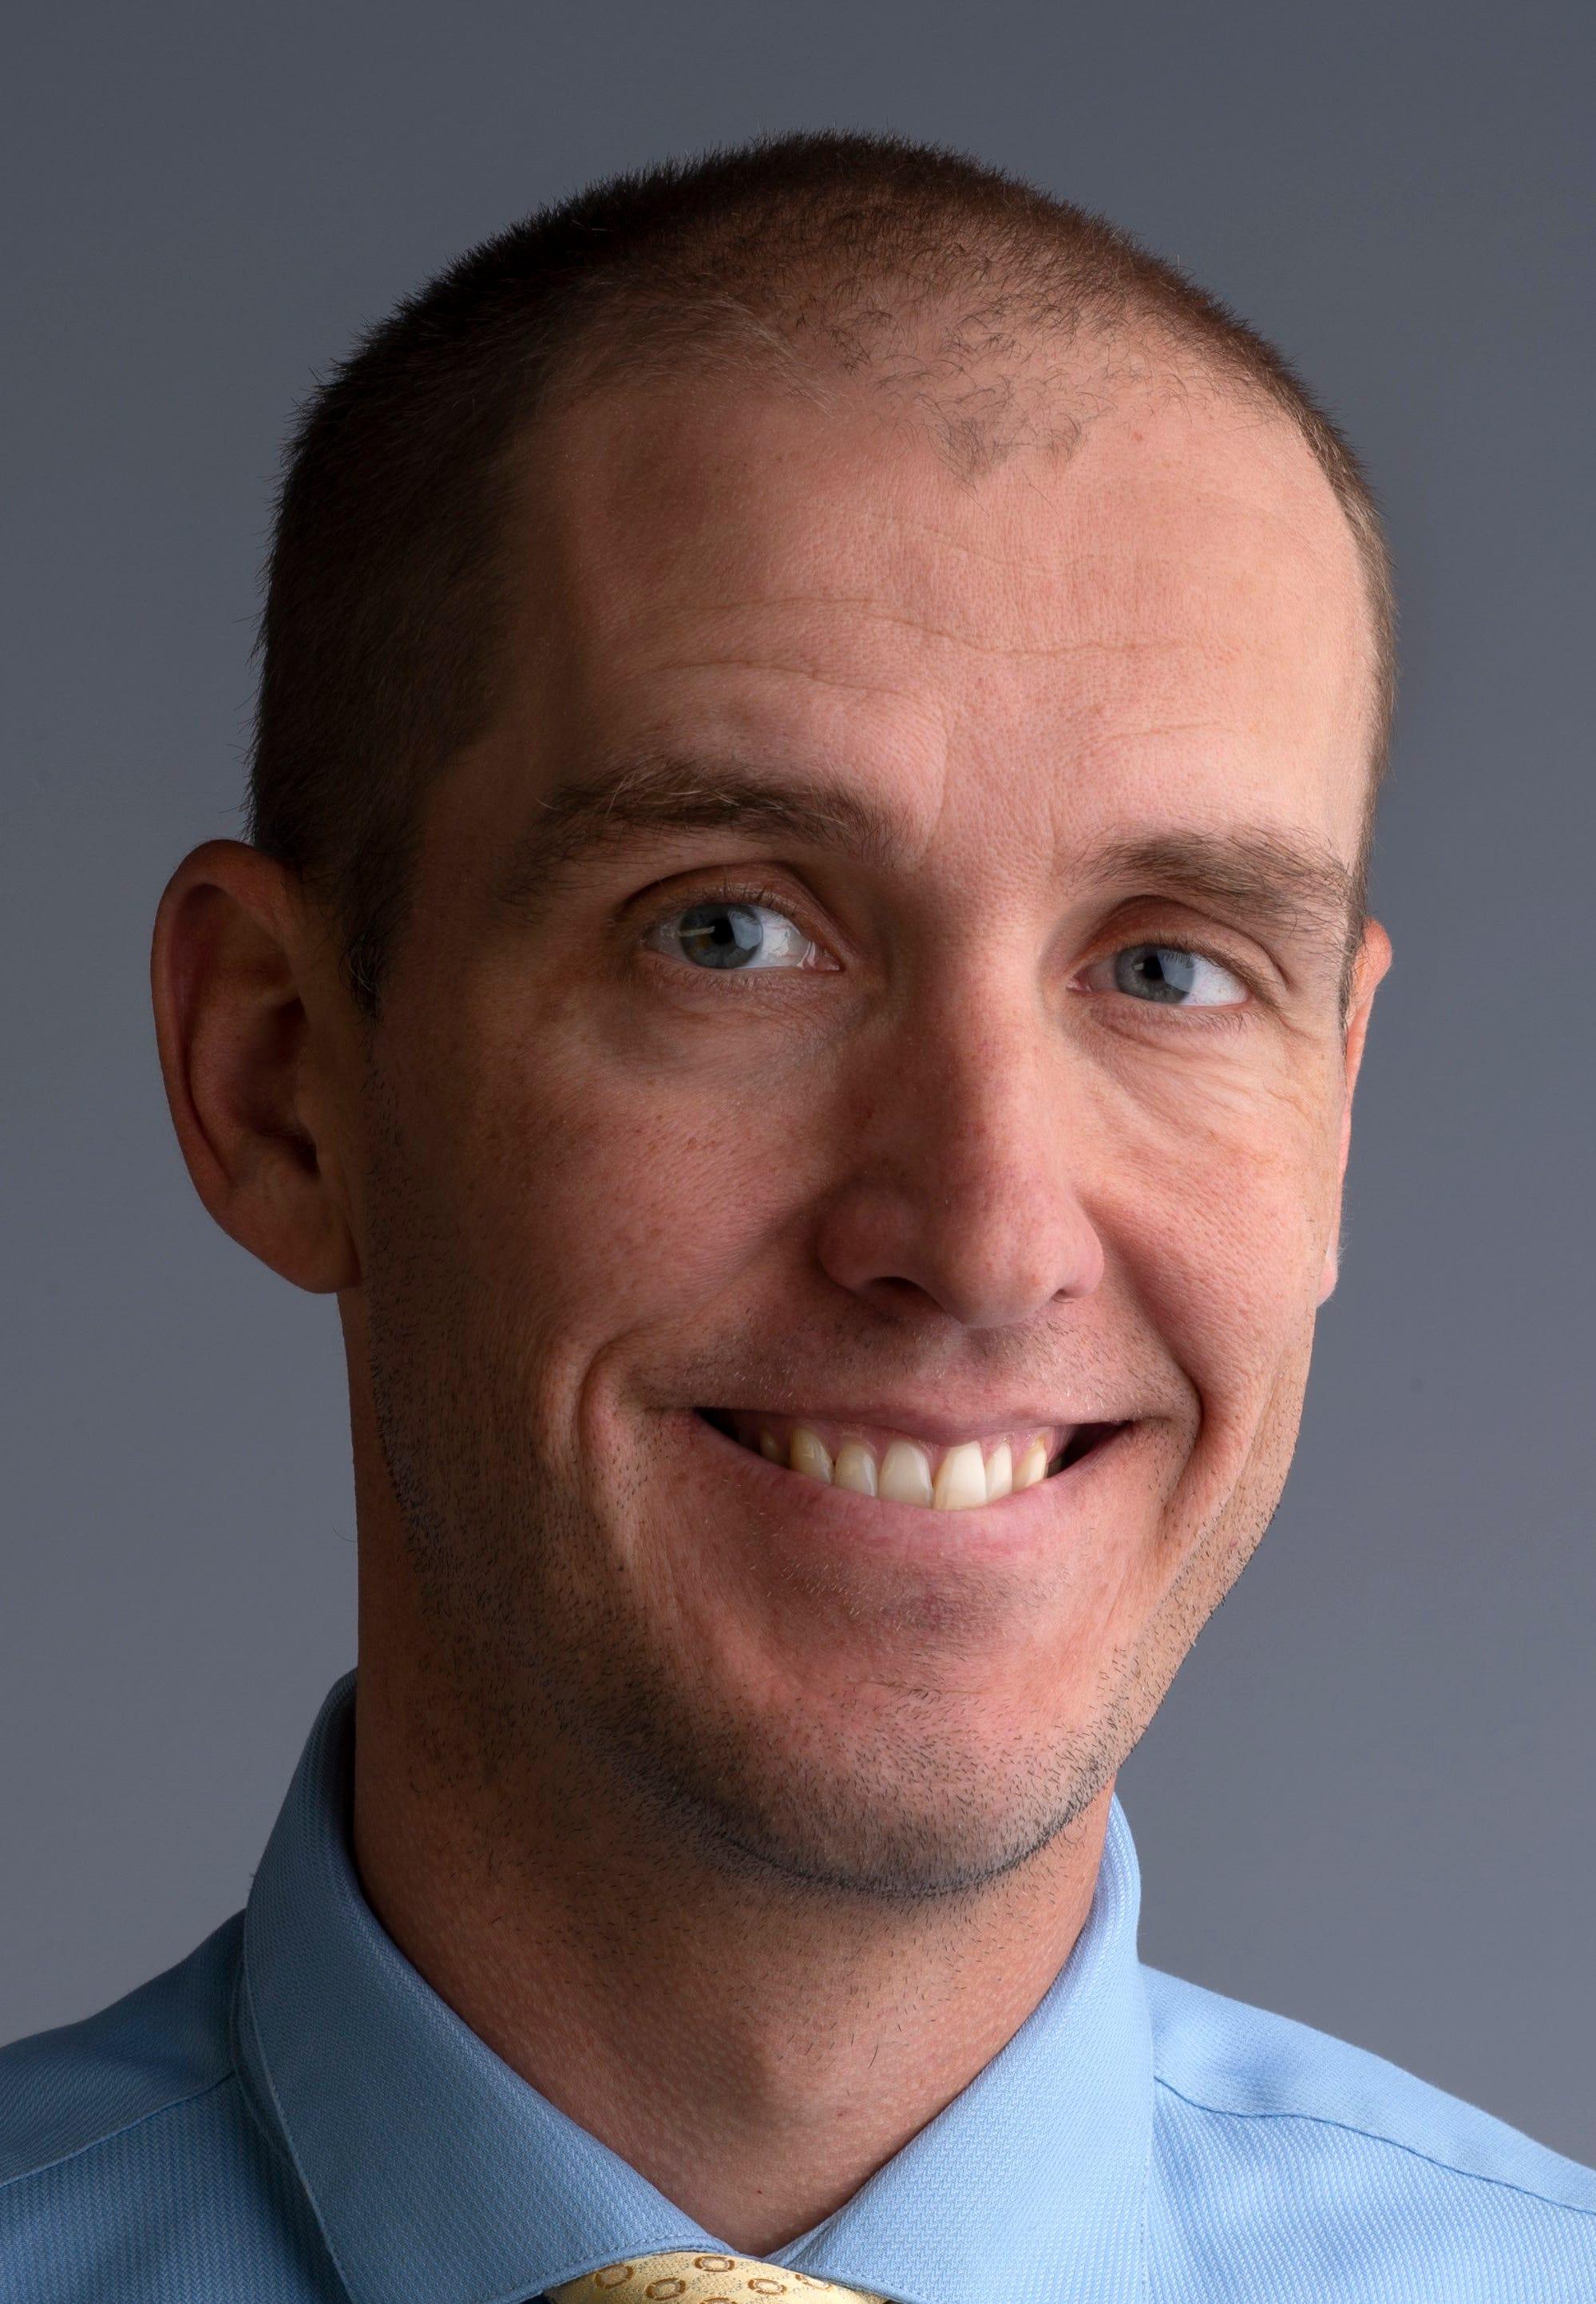 Ryan Sabalow